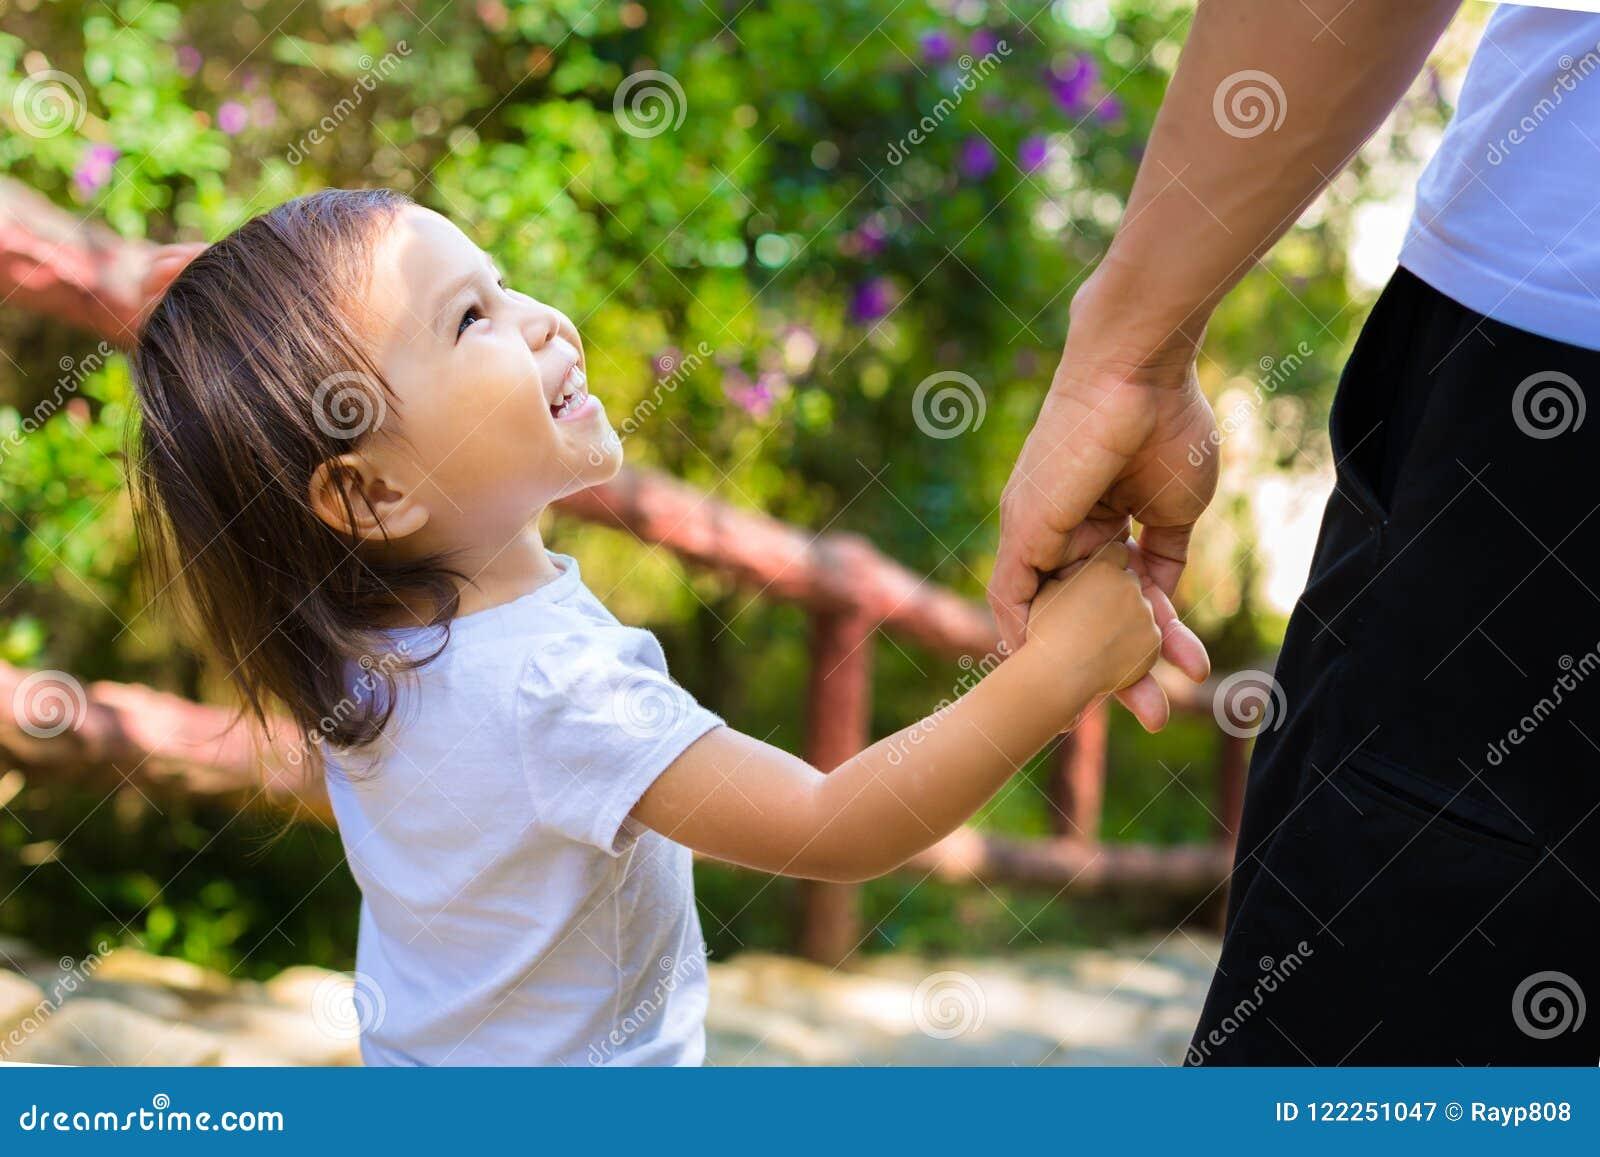 Маленький ребенок смотрит вверх счастливо на ее отце пока они идут через парк держа руки